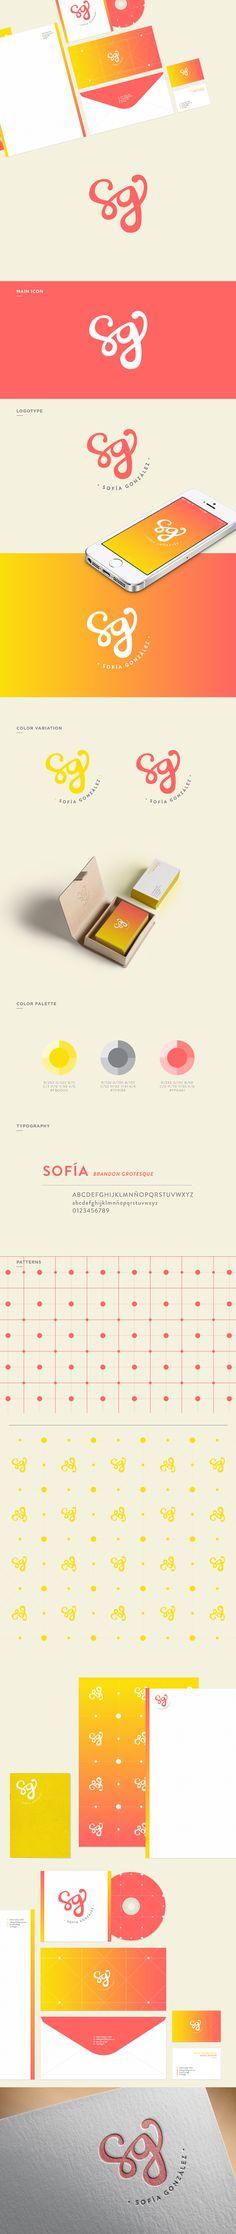 Sofía González | Personal Branding by Ana Sofía González, via Behance